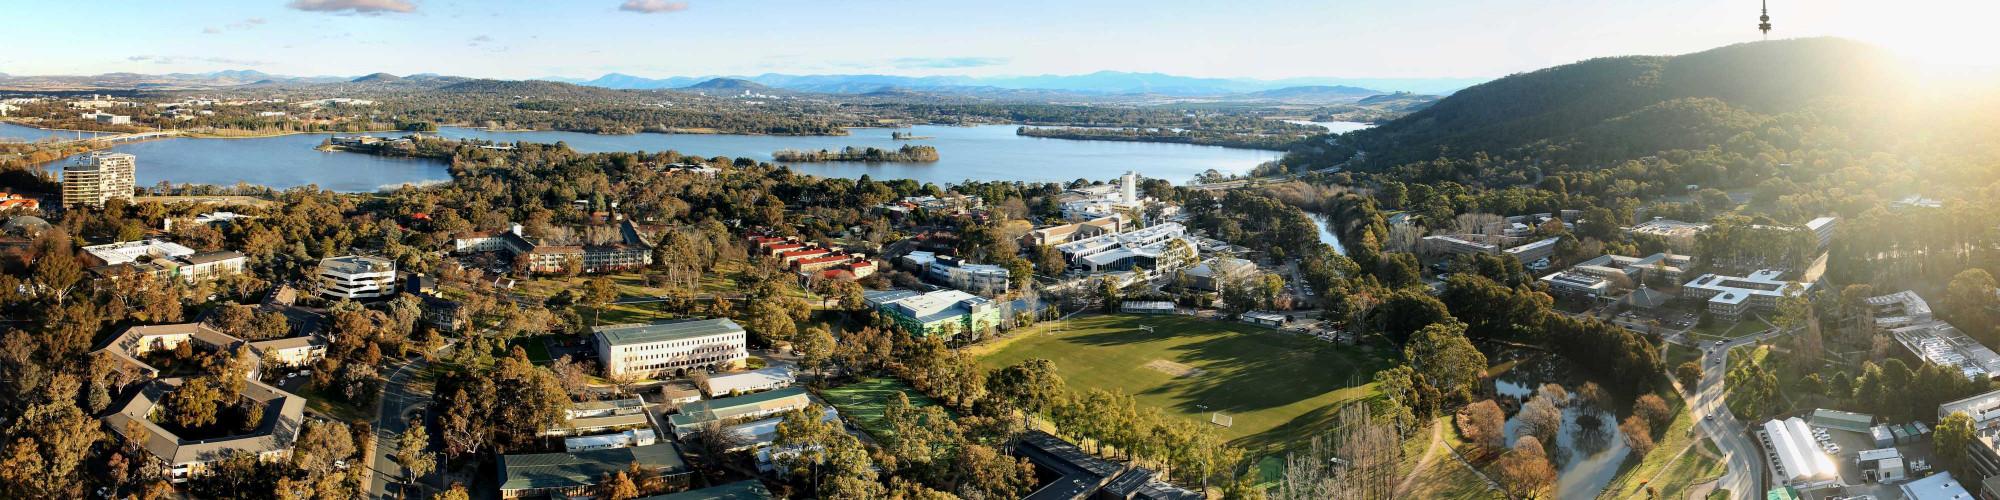 ANU Acton campus aerial photo